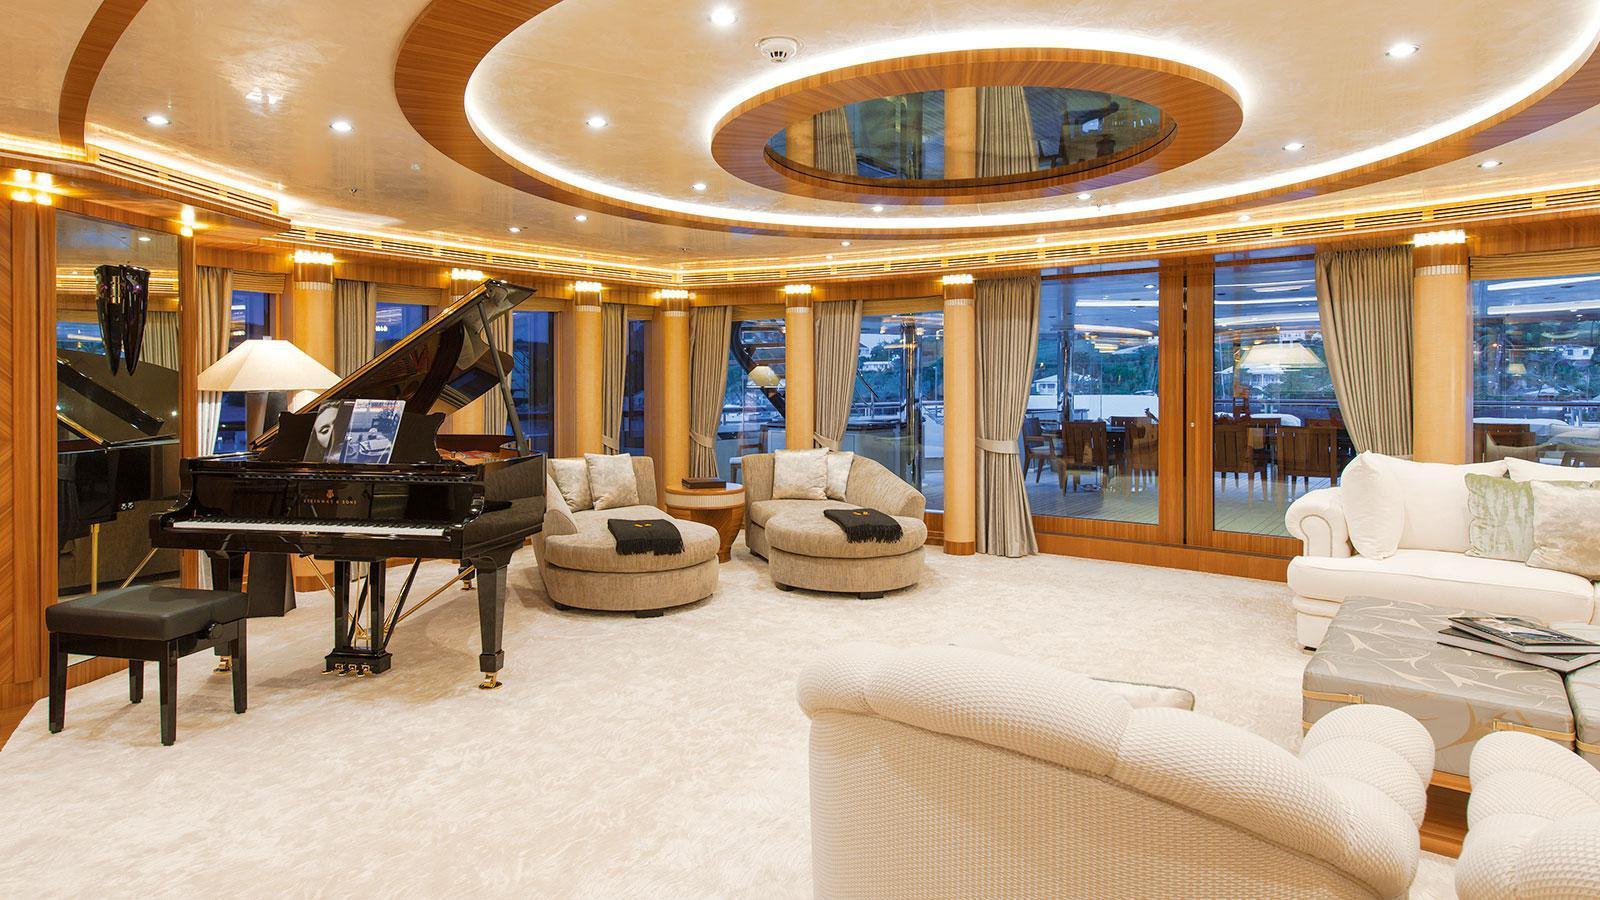 quattroelle-motor-yacht-lurssen-2013-86m-sky-lounge